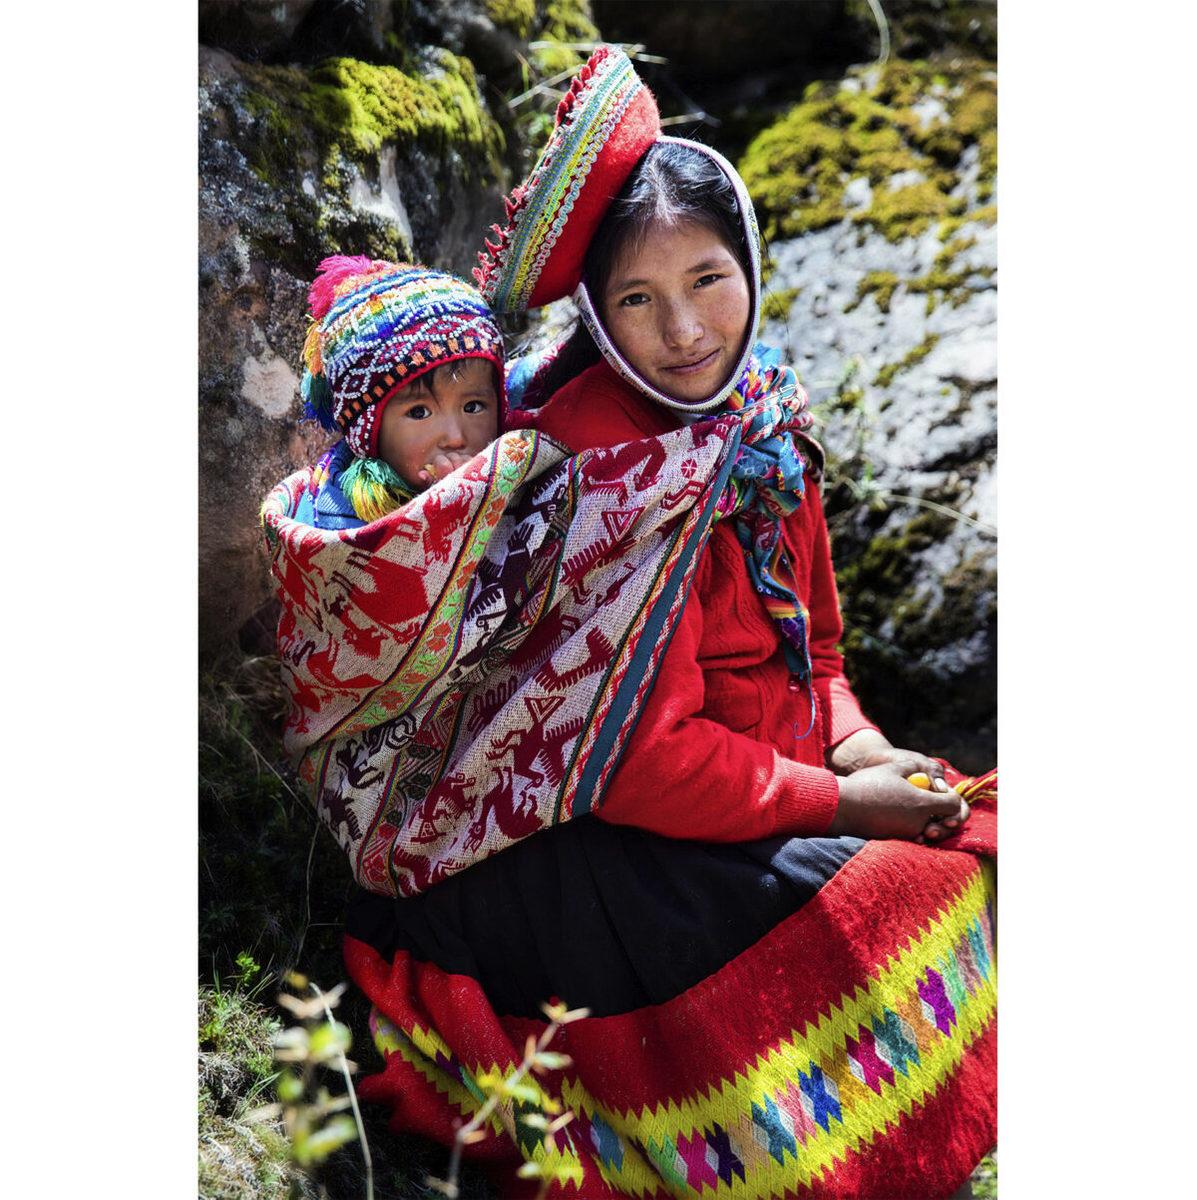 秘魯安第斯山脈的母子。(米哈艾拉提供)